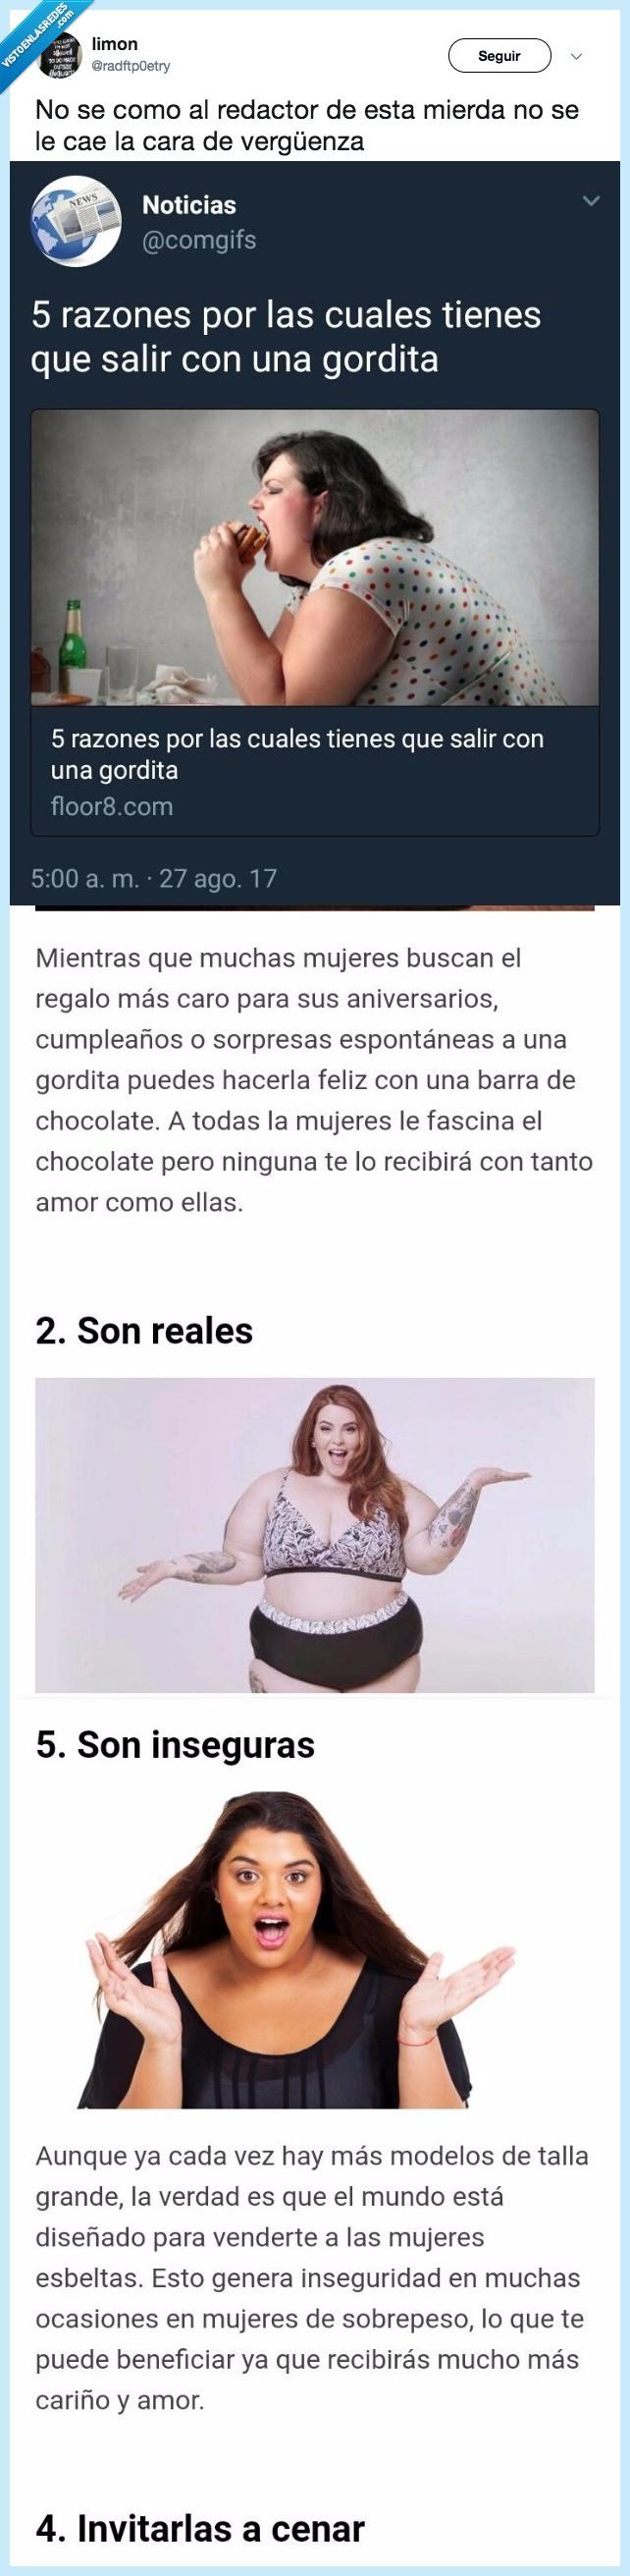 asco de artículo,gordofobia,que le quiten el título